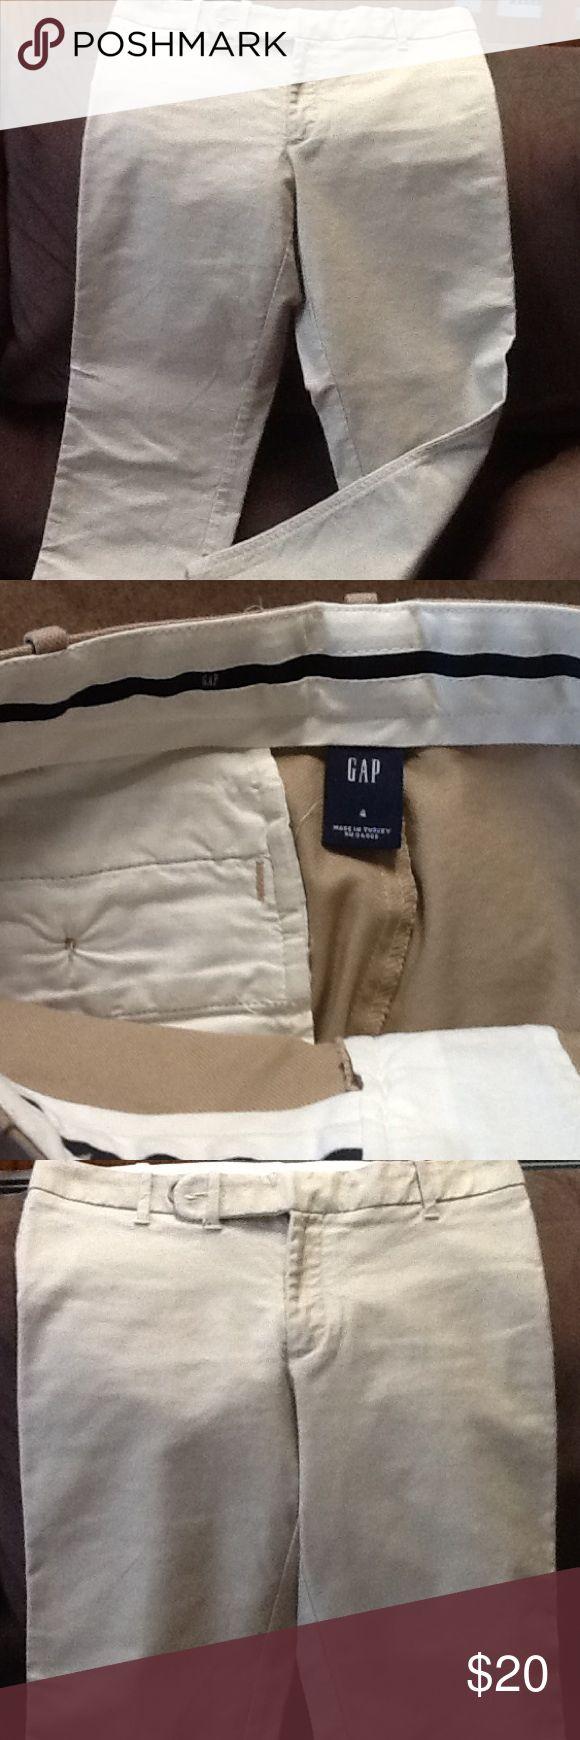 Khaki capris Like new khaki capris. Material is like a cotton twill blend. GAP Pants Capris